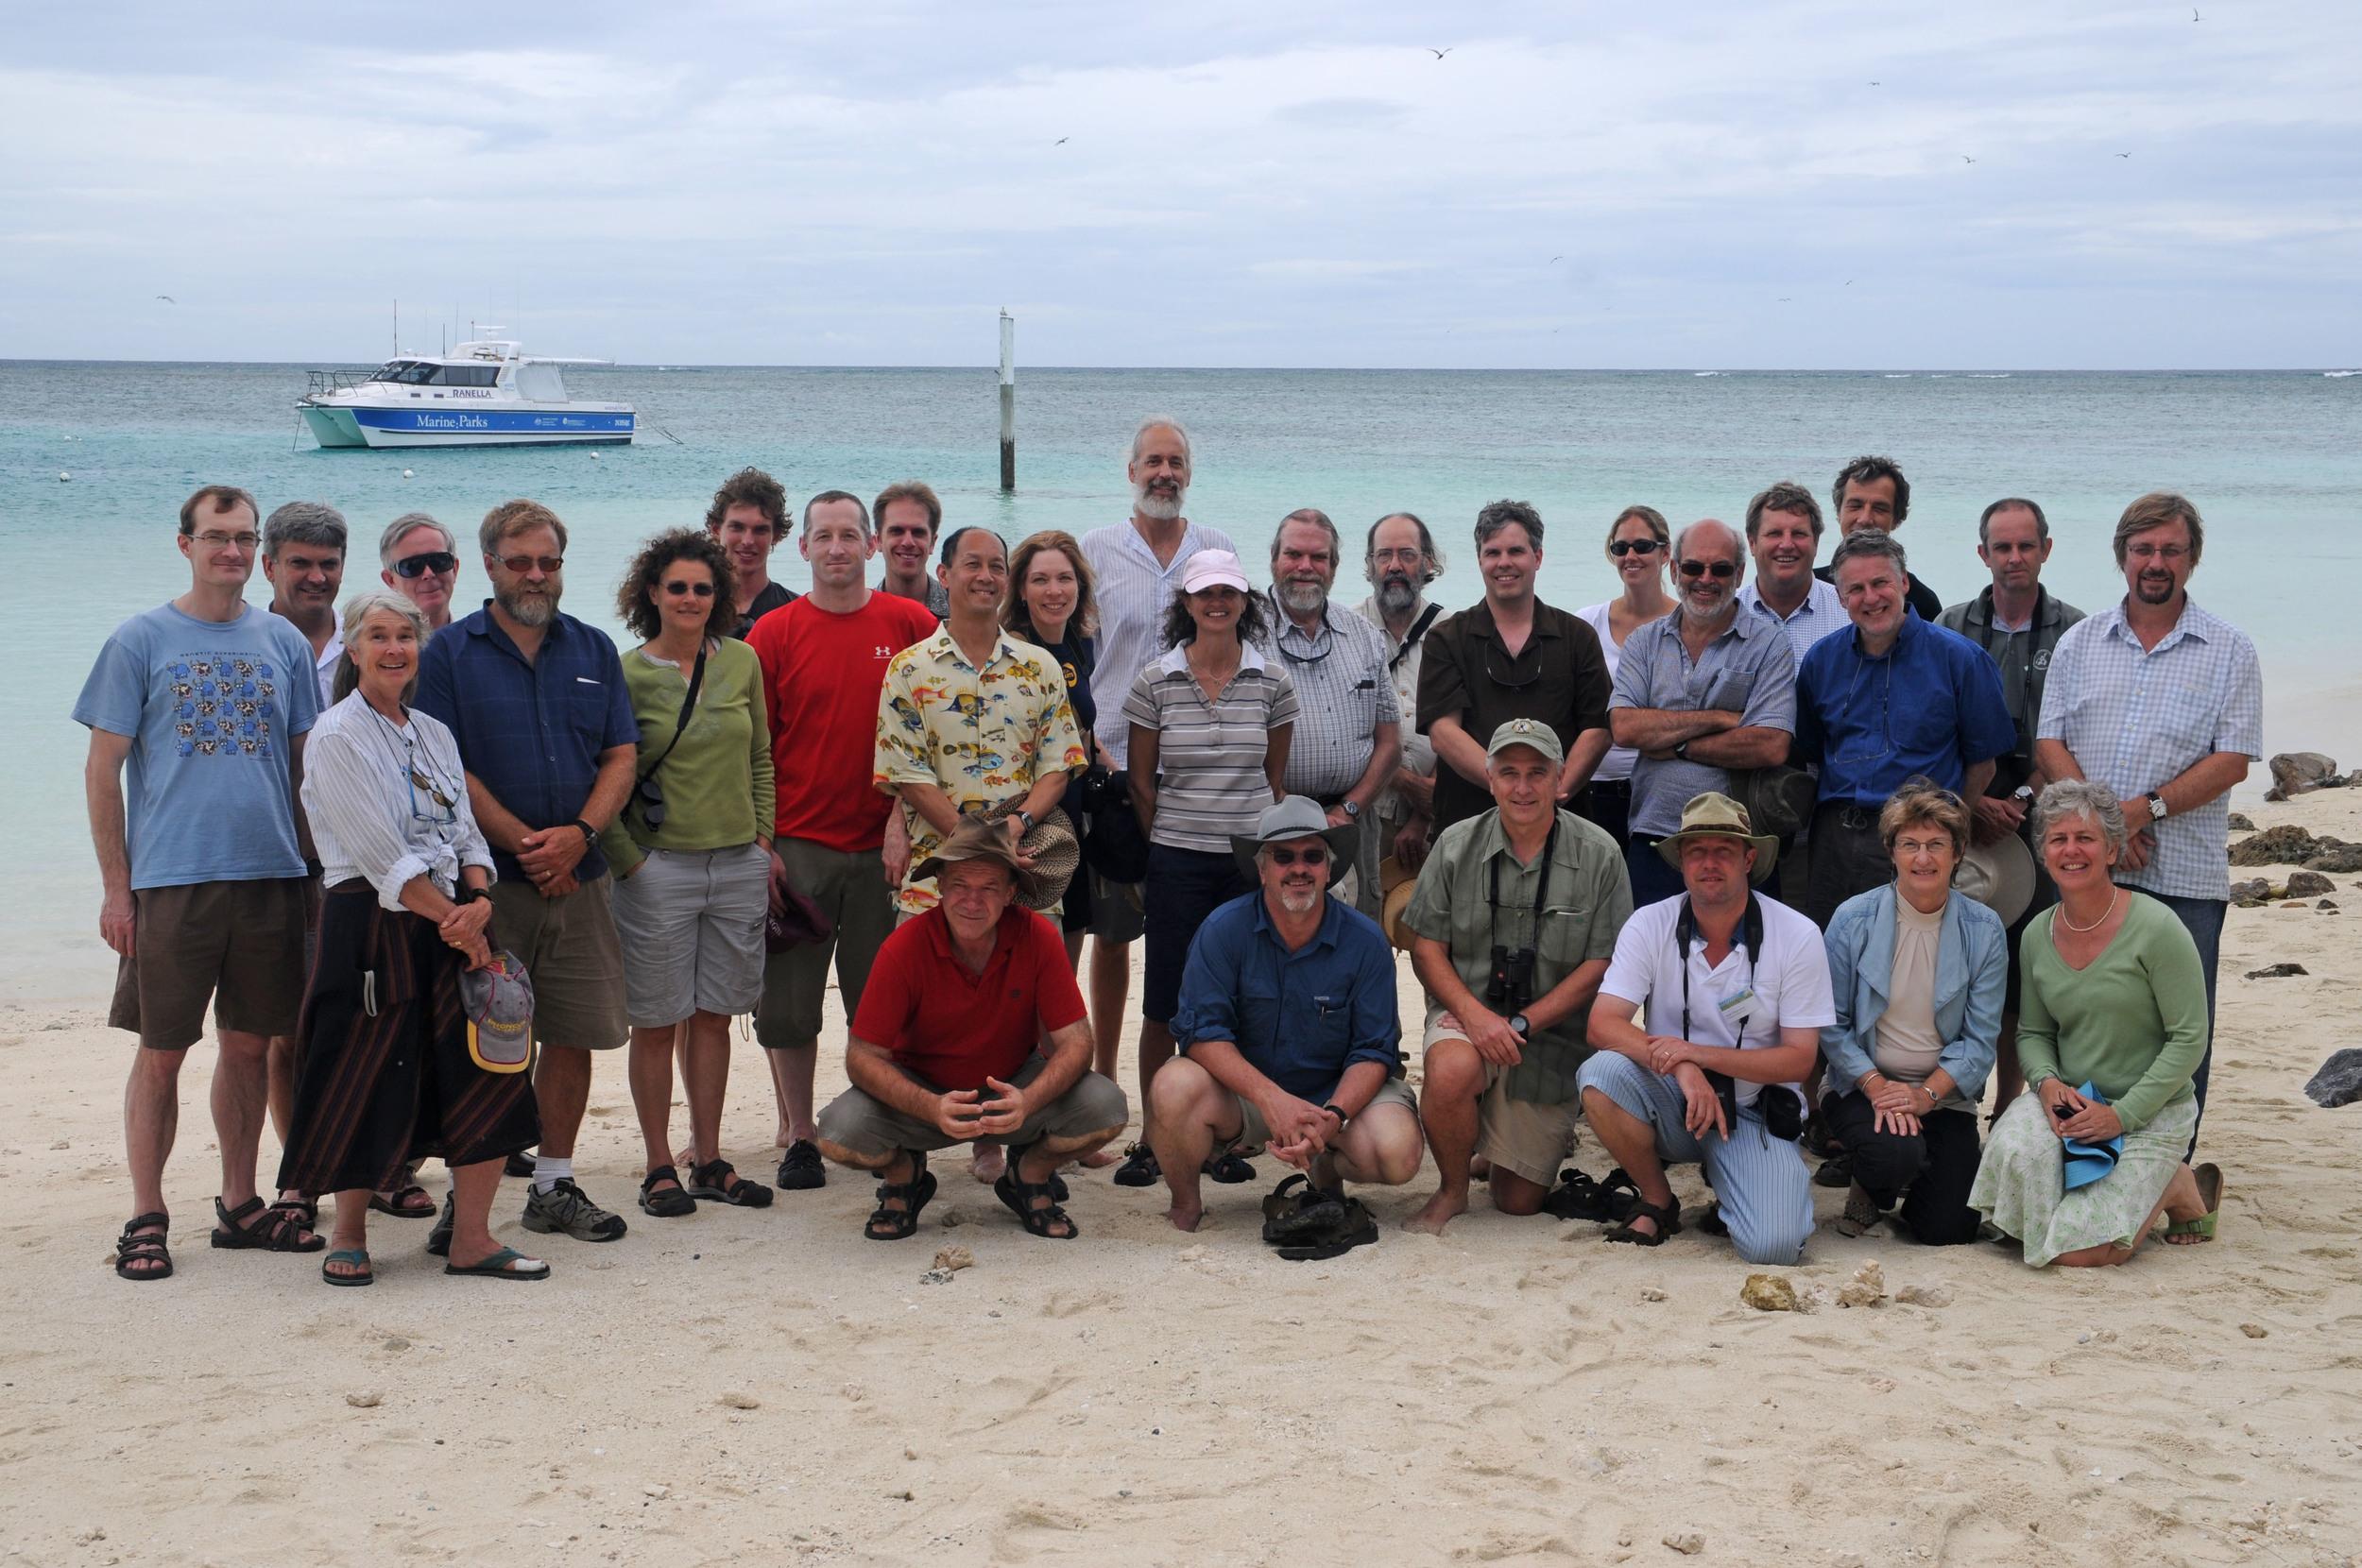 Group_photoED.jpg